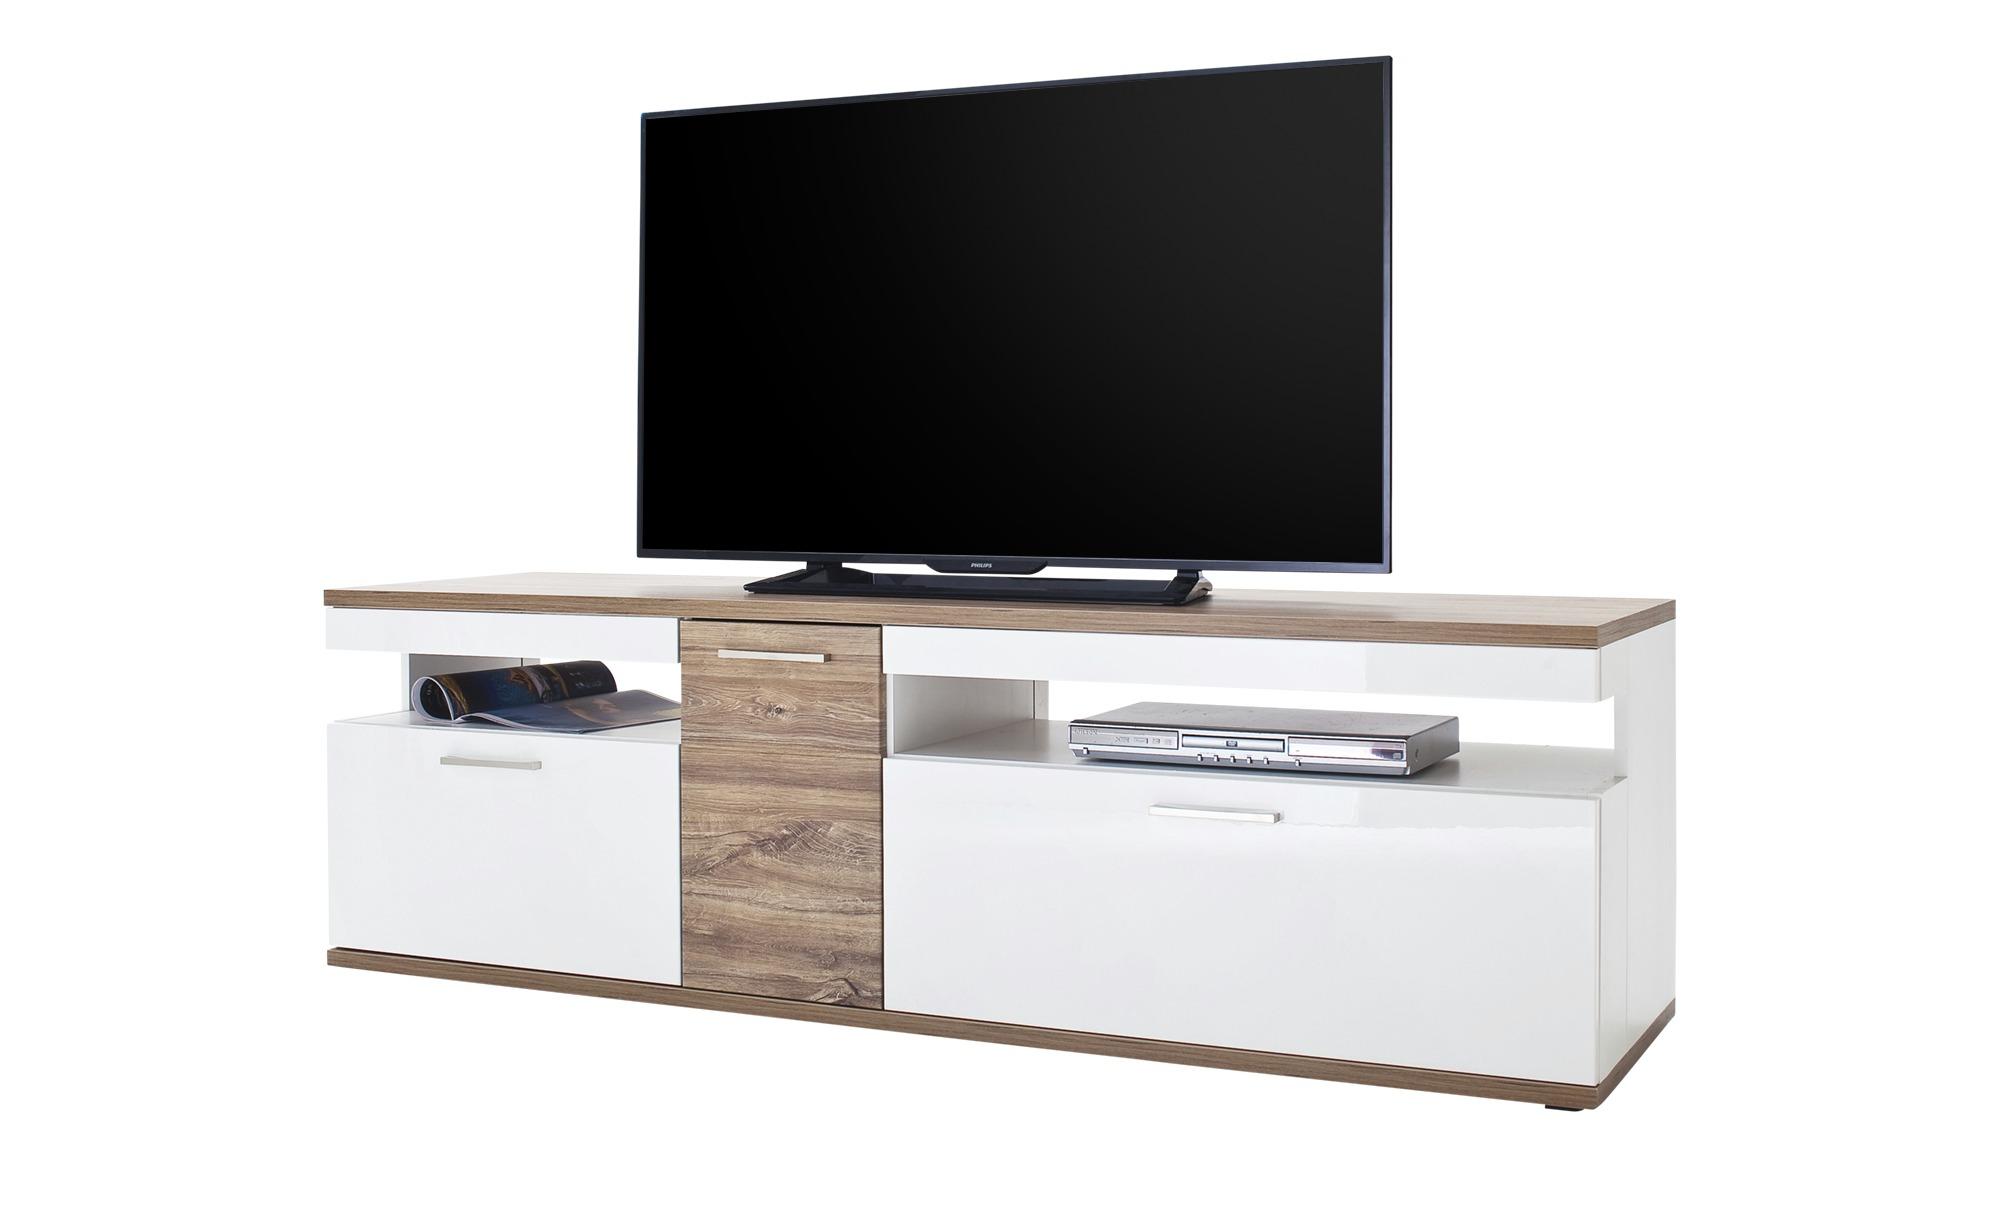 TV-Lowboard  Zypern ¦ weiß ¦ Maße (cm): B: 180 H: 55 T: 50 TV- & Media Möbel > TV-Racks - Höffner | Wohnzimmer > TV-HiFi-Möbel | Weiß | Holzwerkstoff - Holz - Nachbildung | Möbel Höffner DE